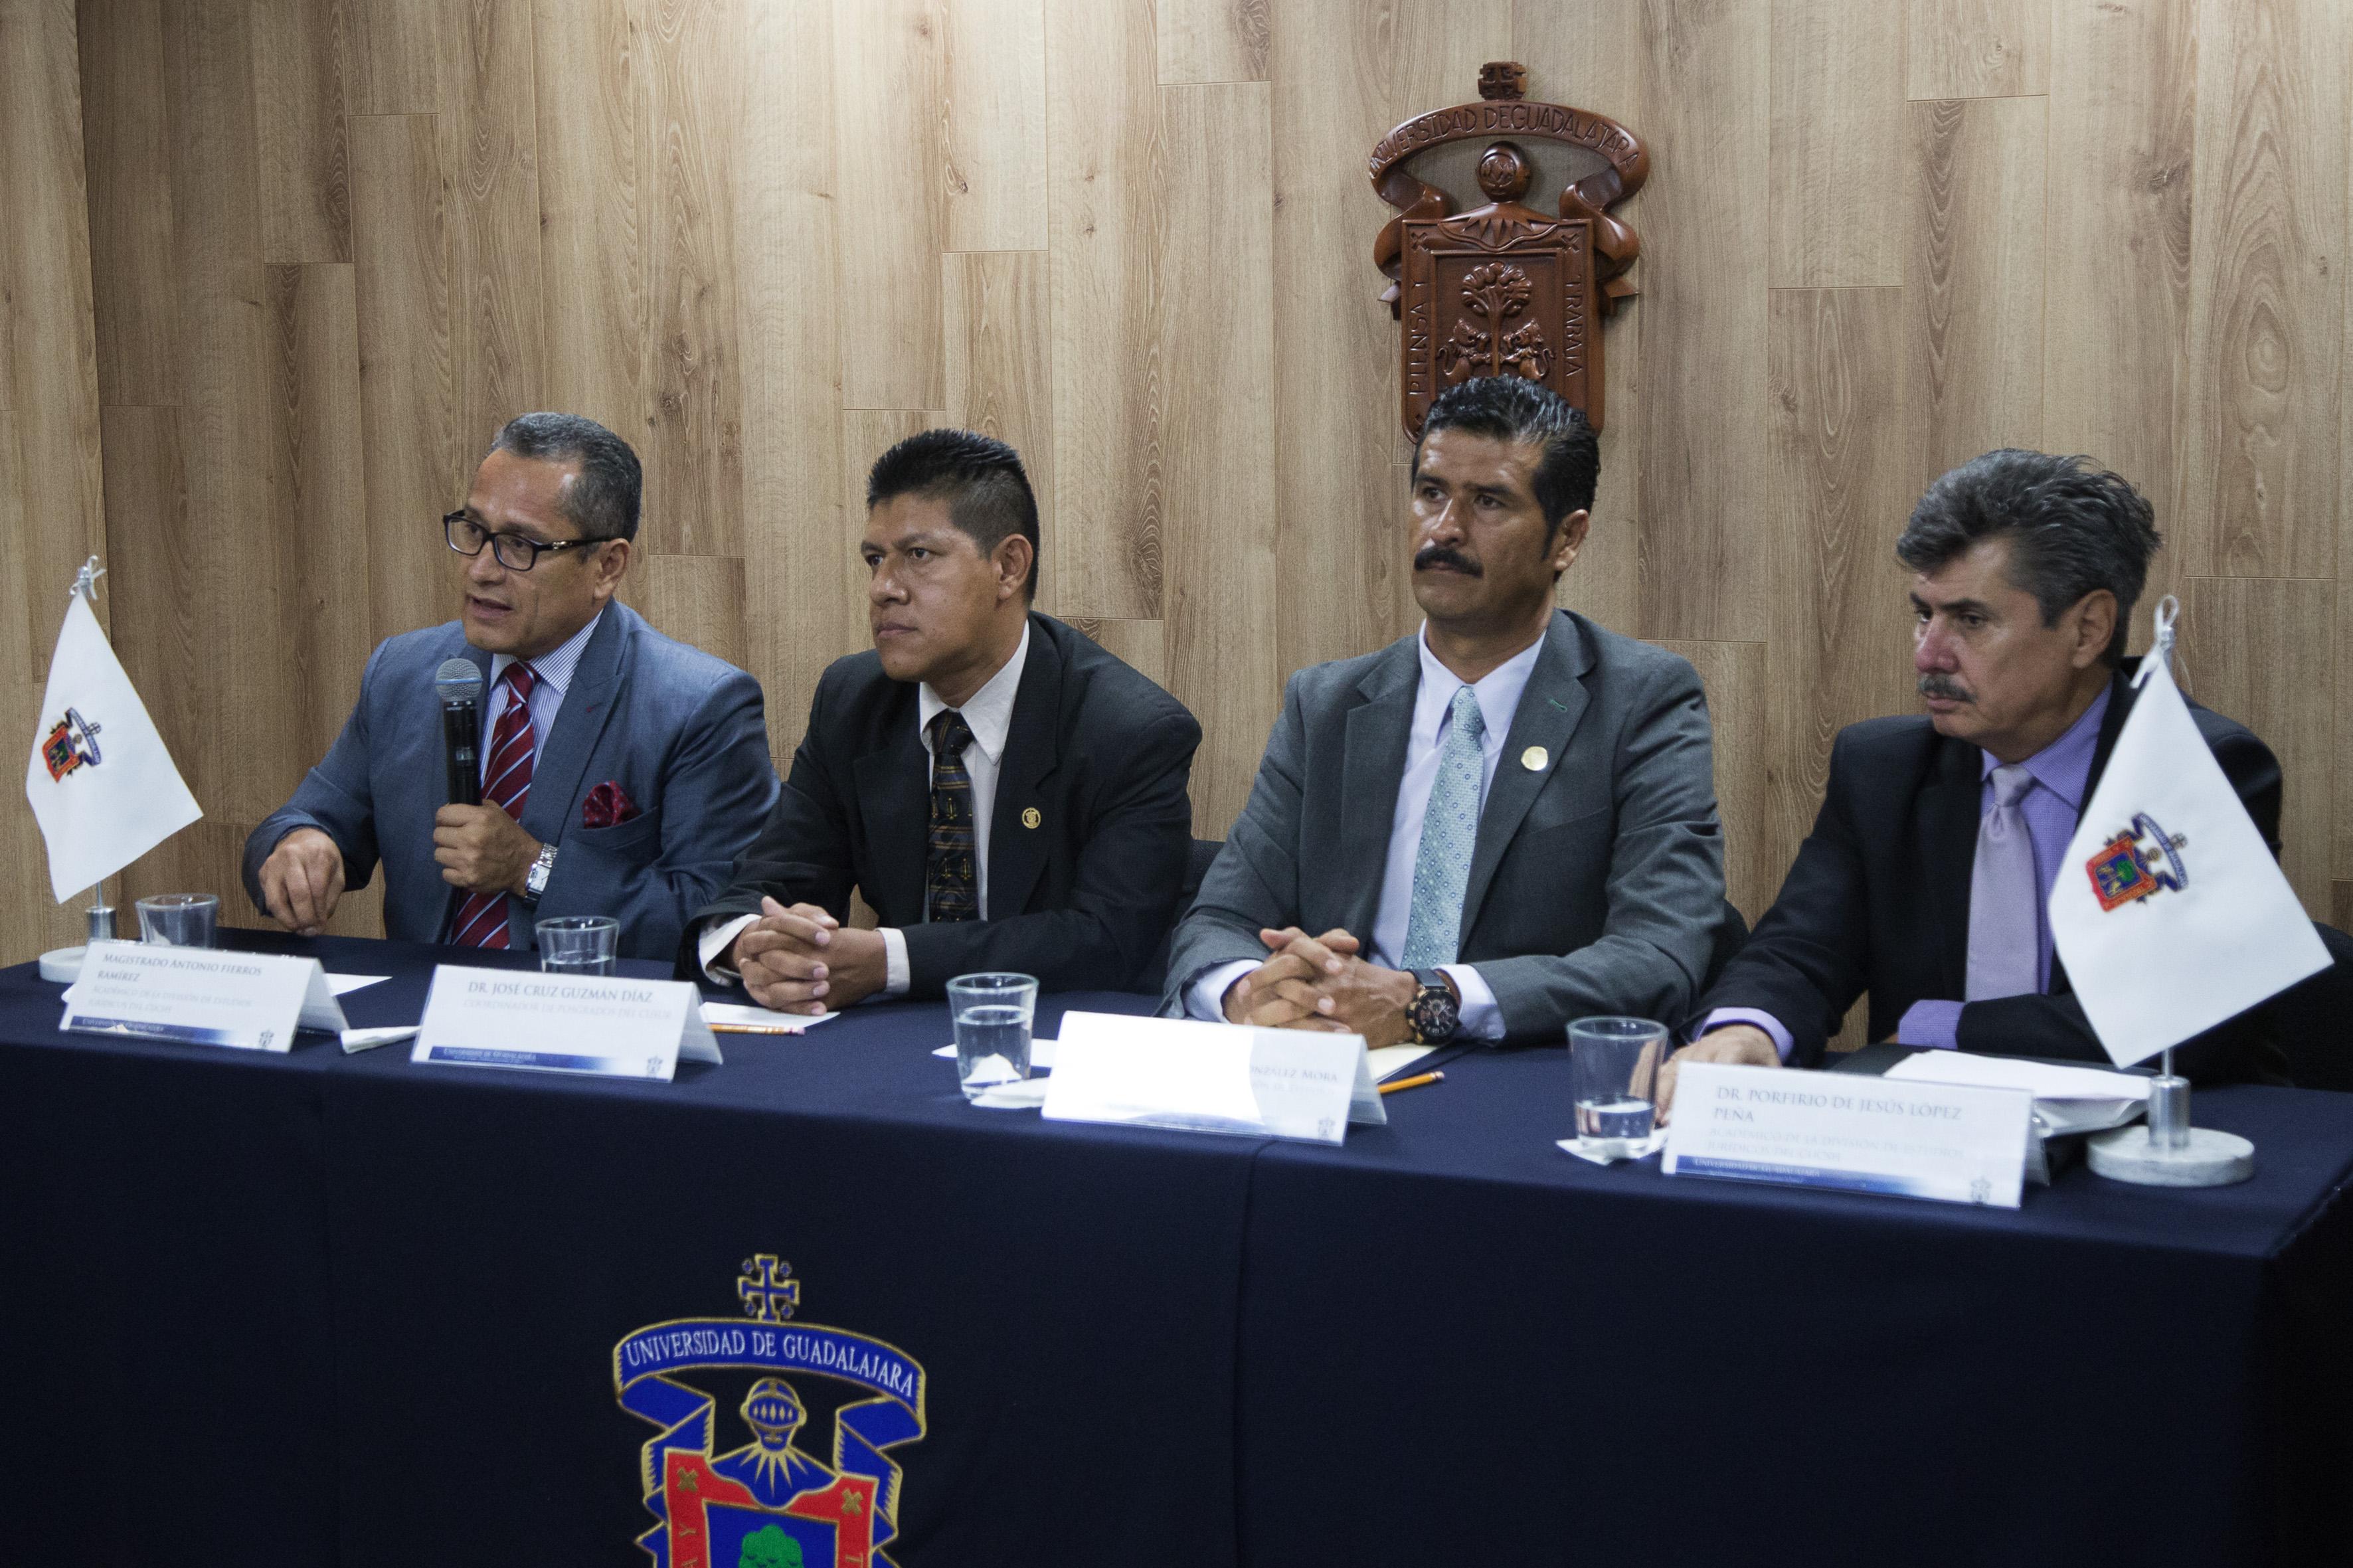 Magistrado y académico de la UdeG, doctor Antonio Fierros Ramírez participando en rueda de prensa